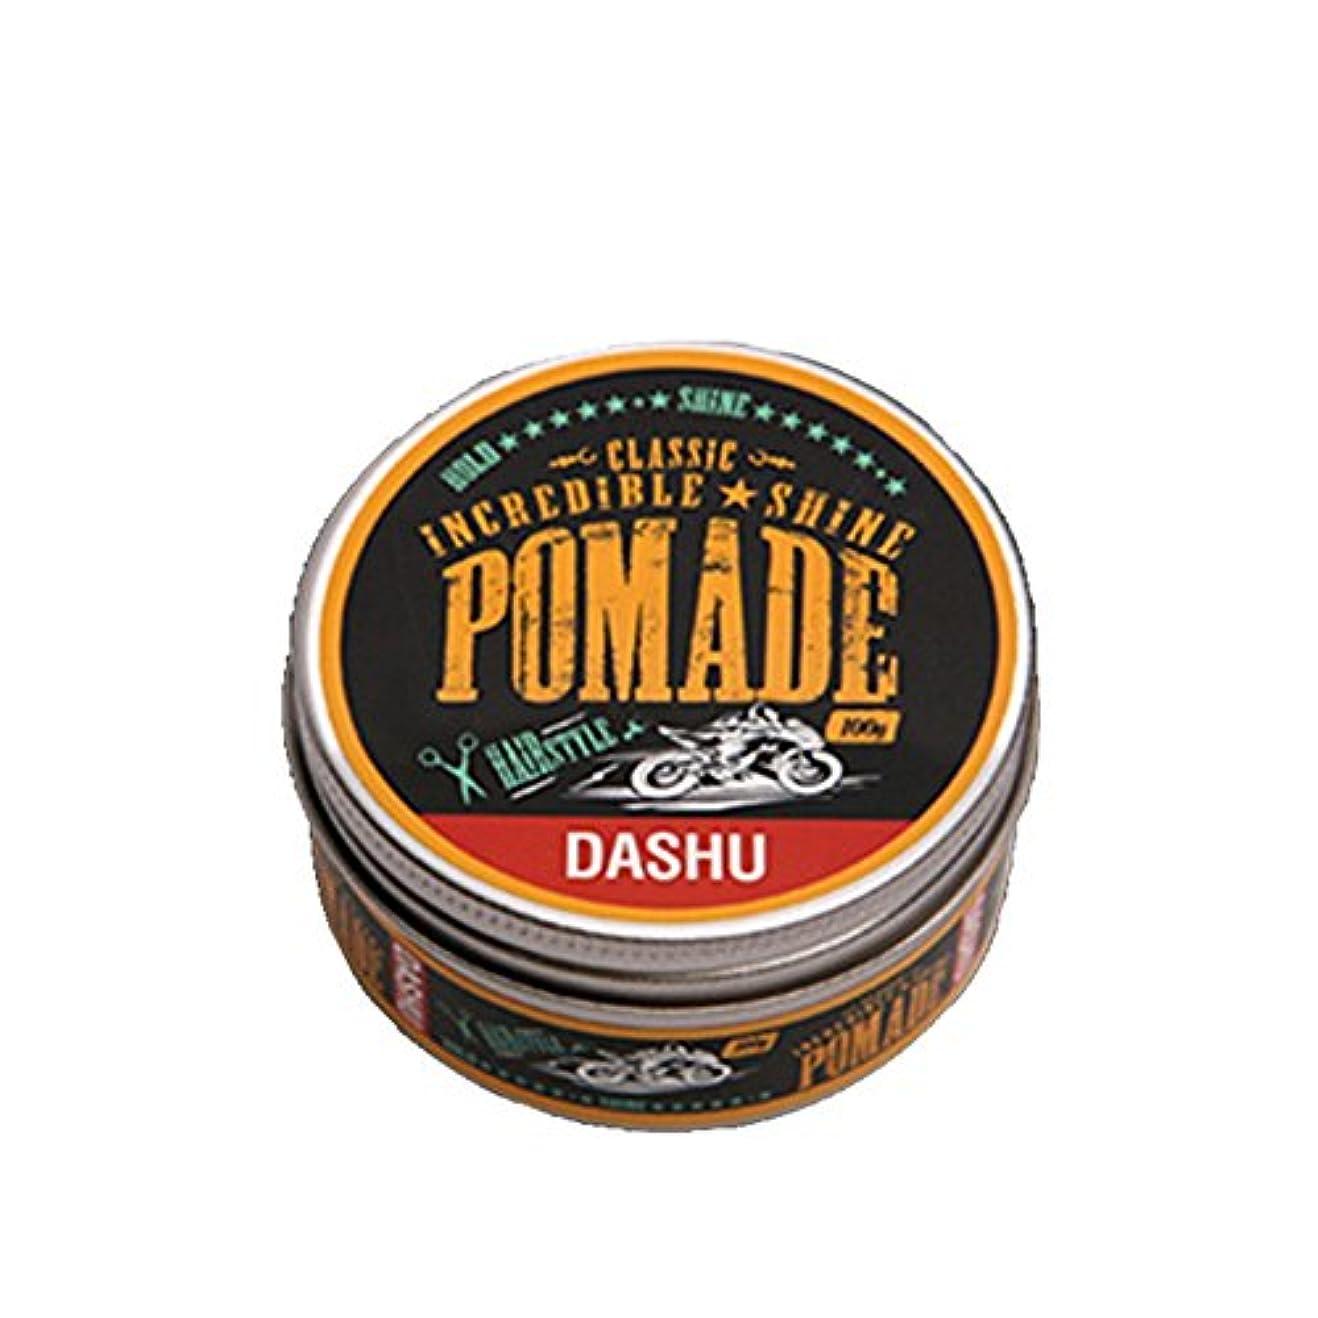 内なる溶かす保持[DASHU] ダシュ クラシック 信じられないほどの輝き ポマードワックス Classic Incredible Shine Pomade Hair Wax 100ml / 韓国製 . 韓国直送品